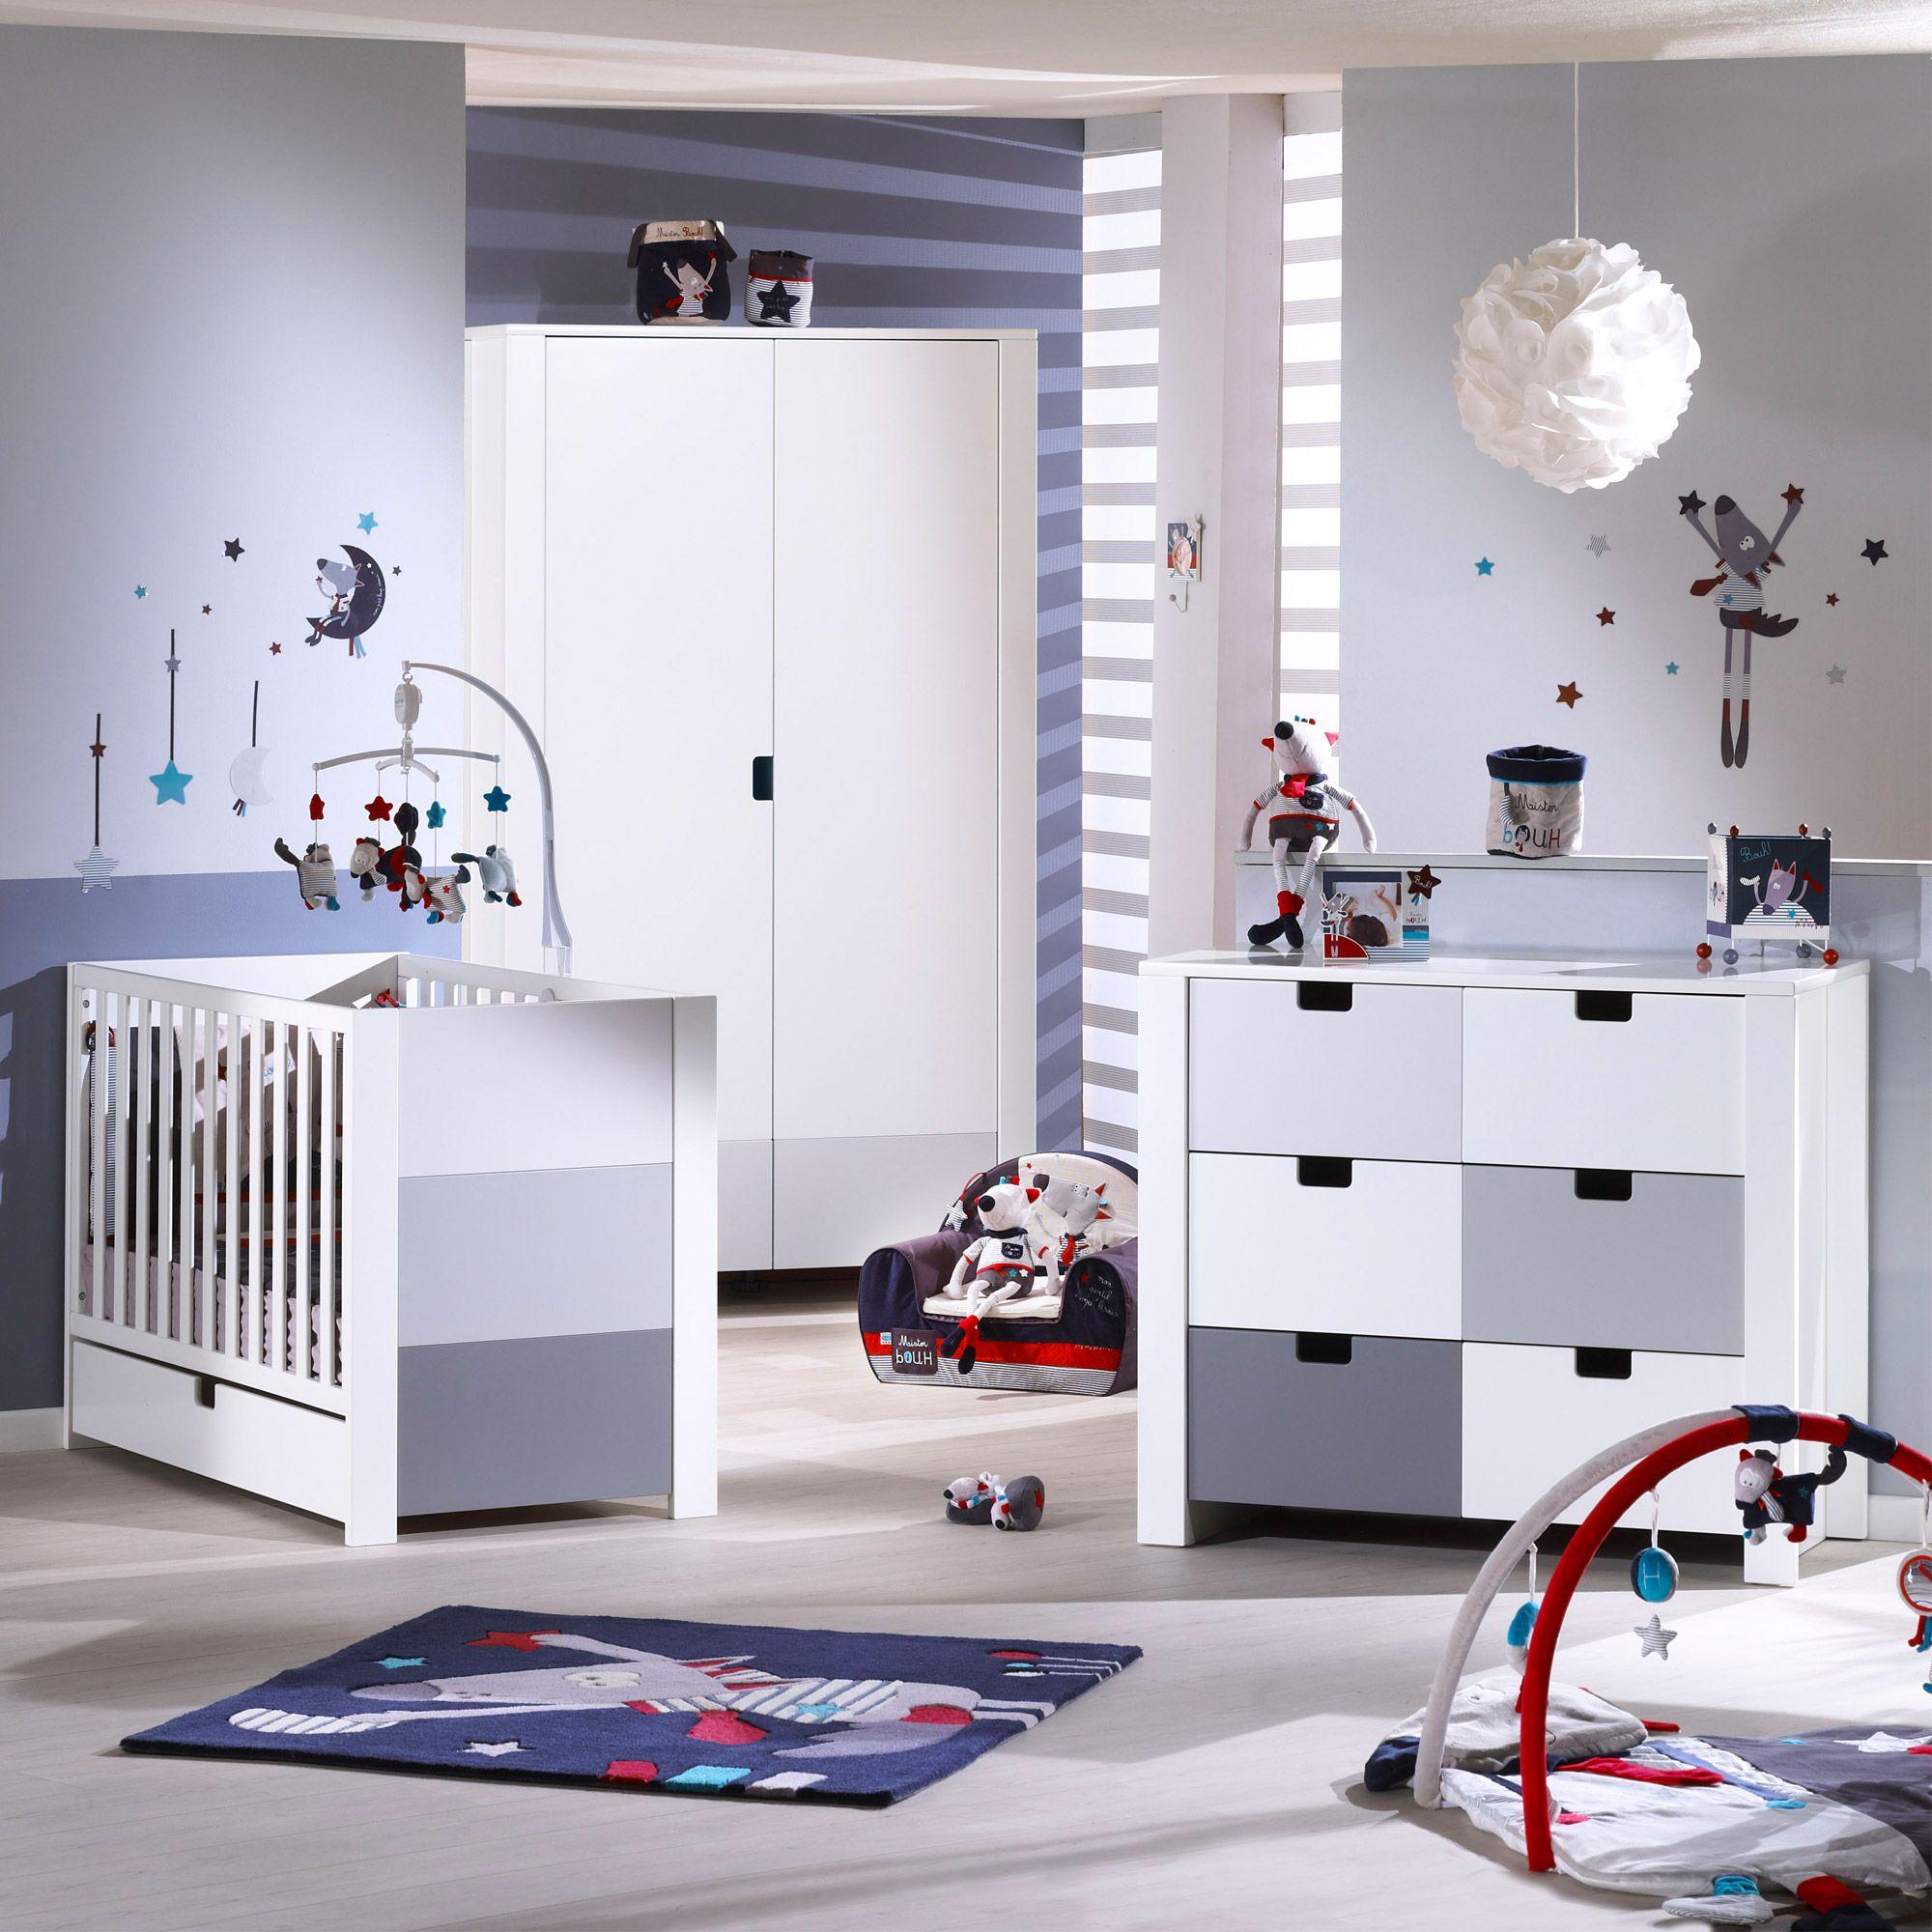 Chambre City, Chambres pop : Aubert | Special Bébé idée déco ...